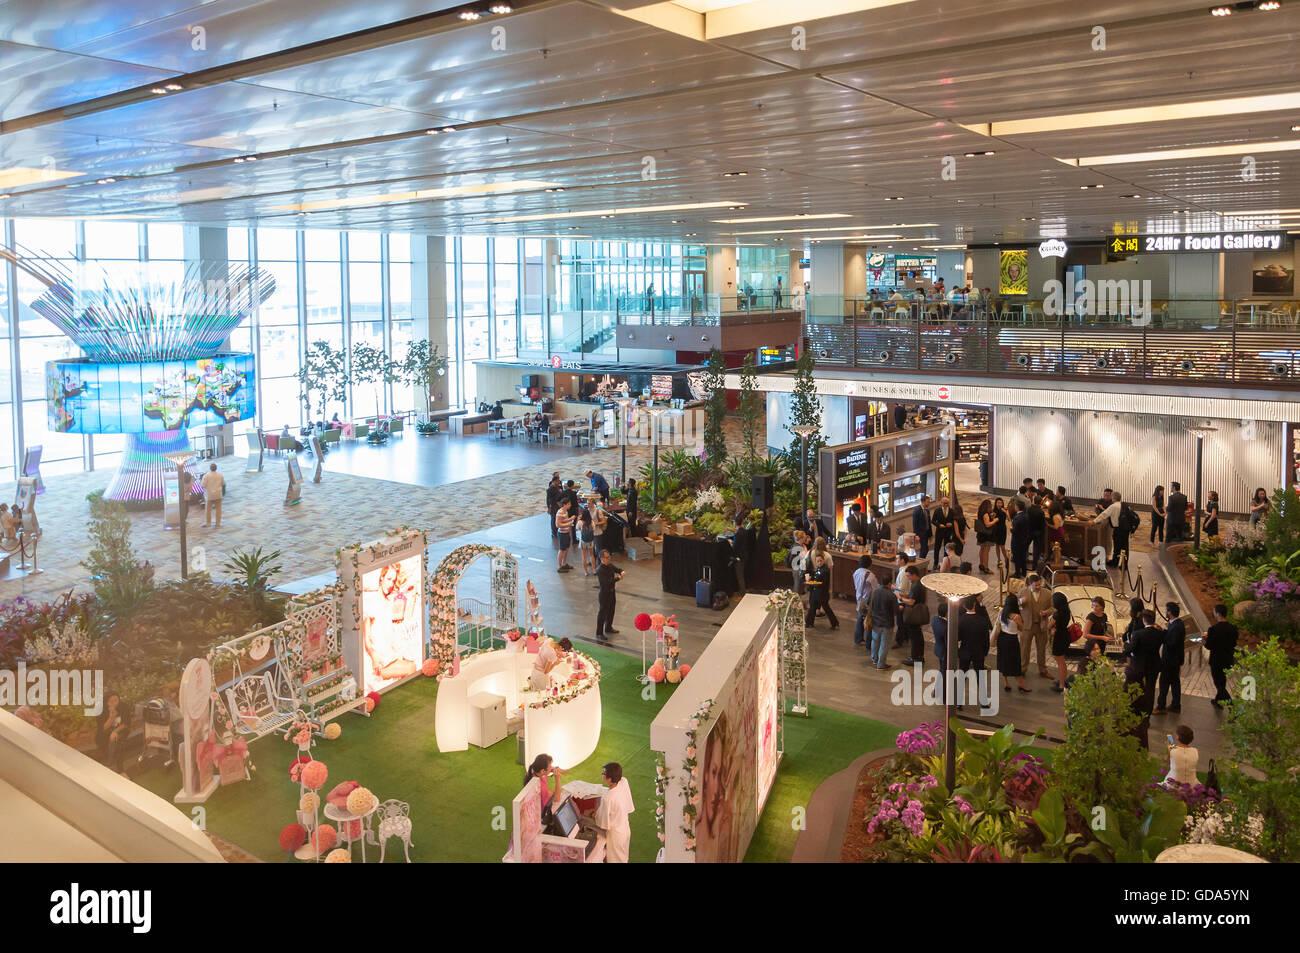 Transit Hall in Terminal 1, Singapore Changi Airport, Changi, Singapore Island, Singapore - Stock Image